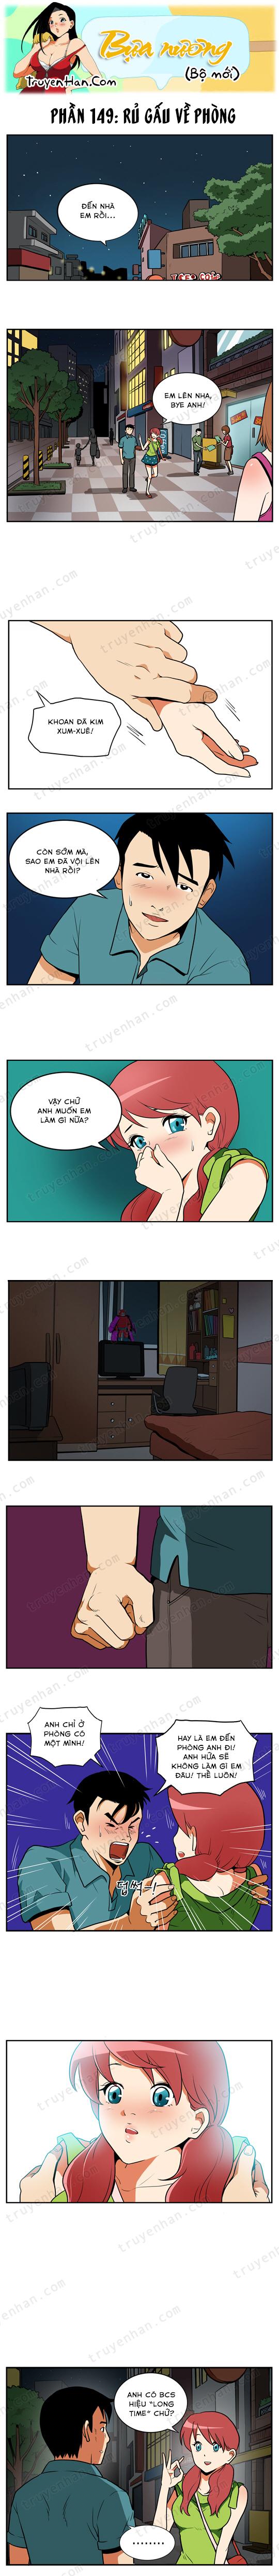 Bựa nương (bộ mới) phần 149: Rủ gấu về phòng